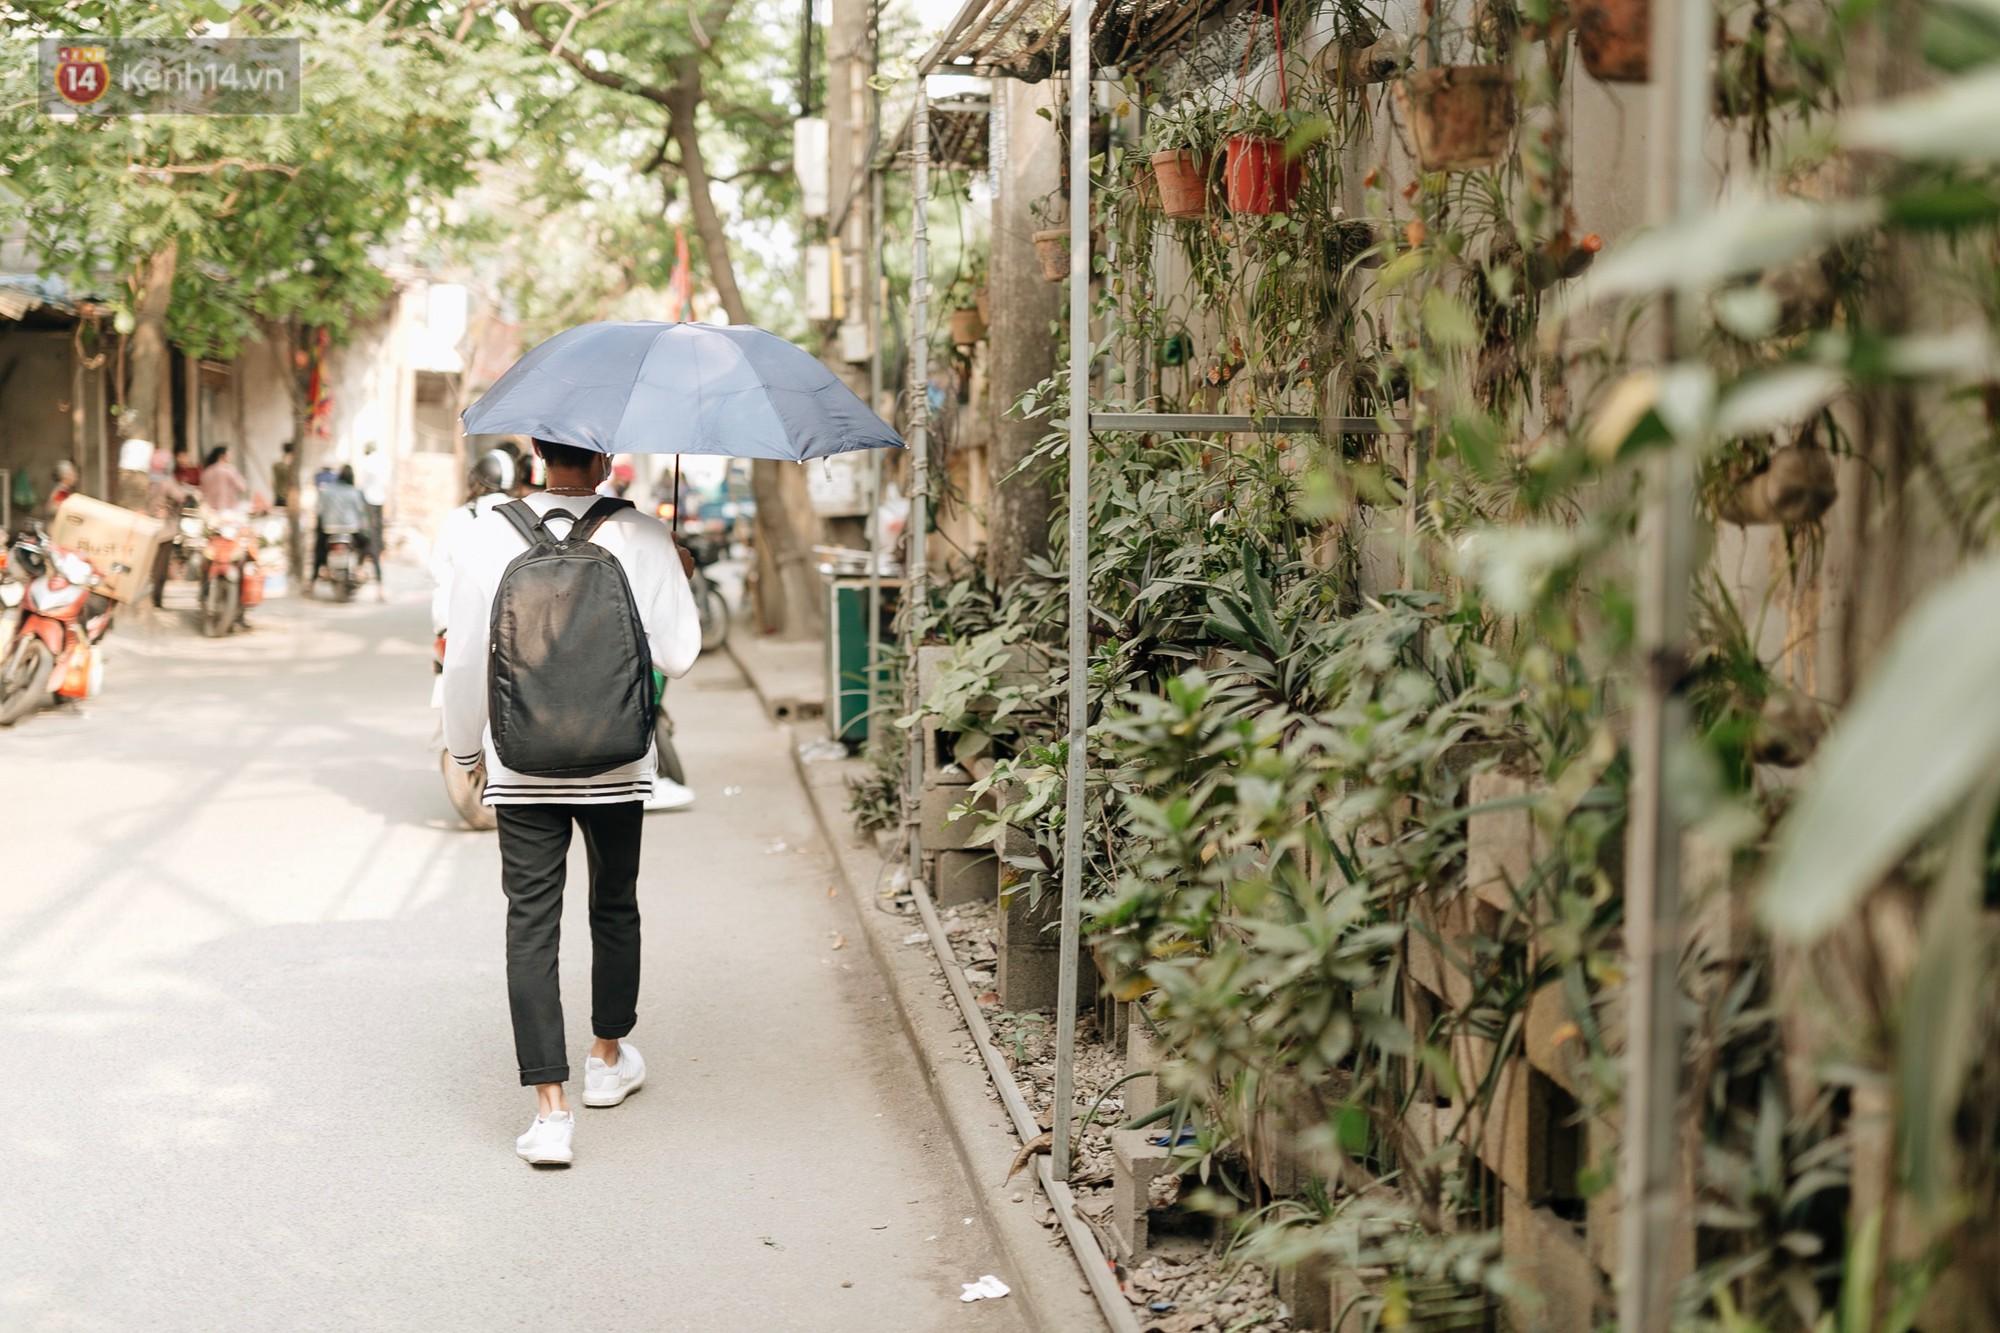 Không được người dân chăm sóc, những vườn hoa sinh ra từ bãi rác ở Hà Nội đã héo úa: Cần lắm sự chung tay của cả cộng đồng! - Ảnh 2.